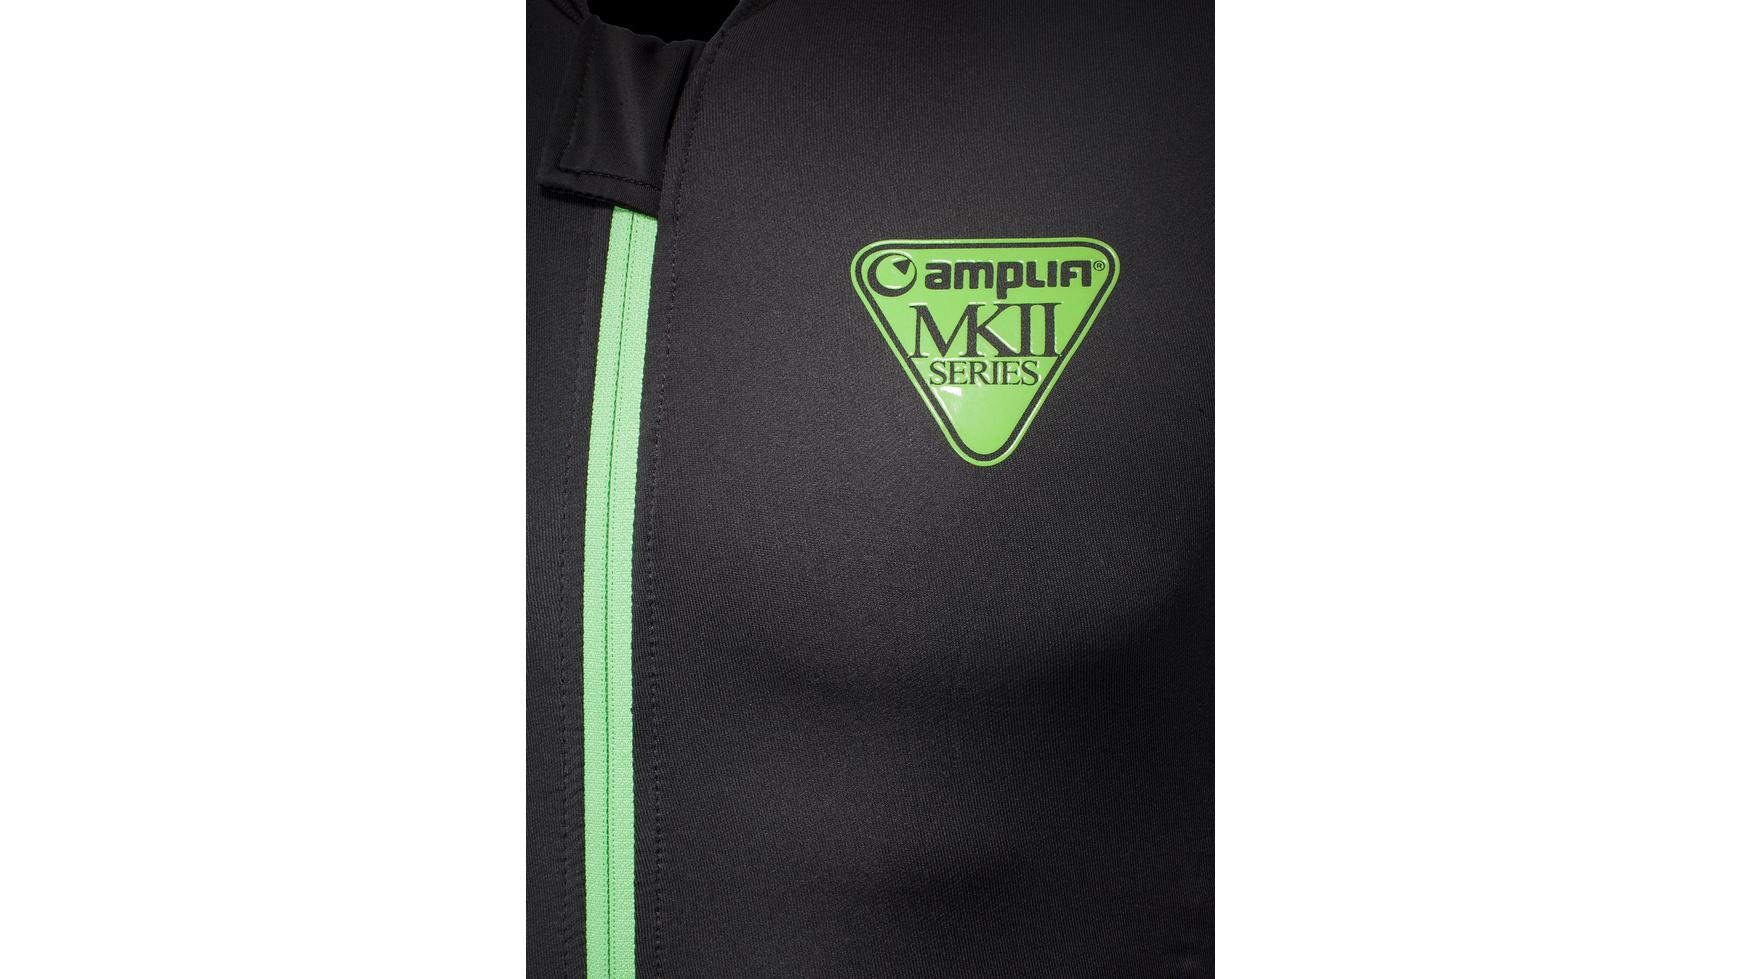 280000001-amplifi_mkii_jacket_detail02